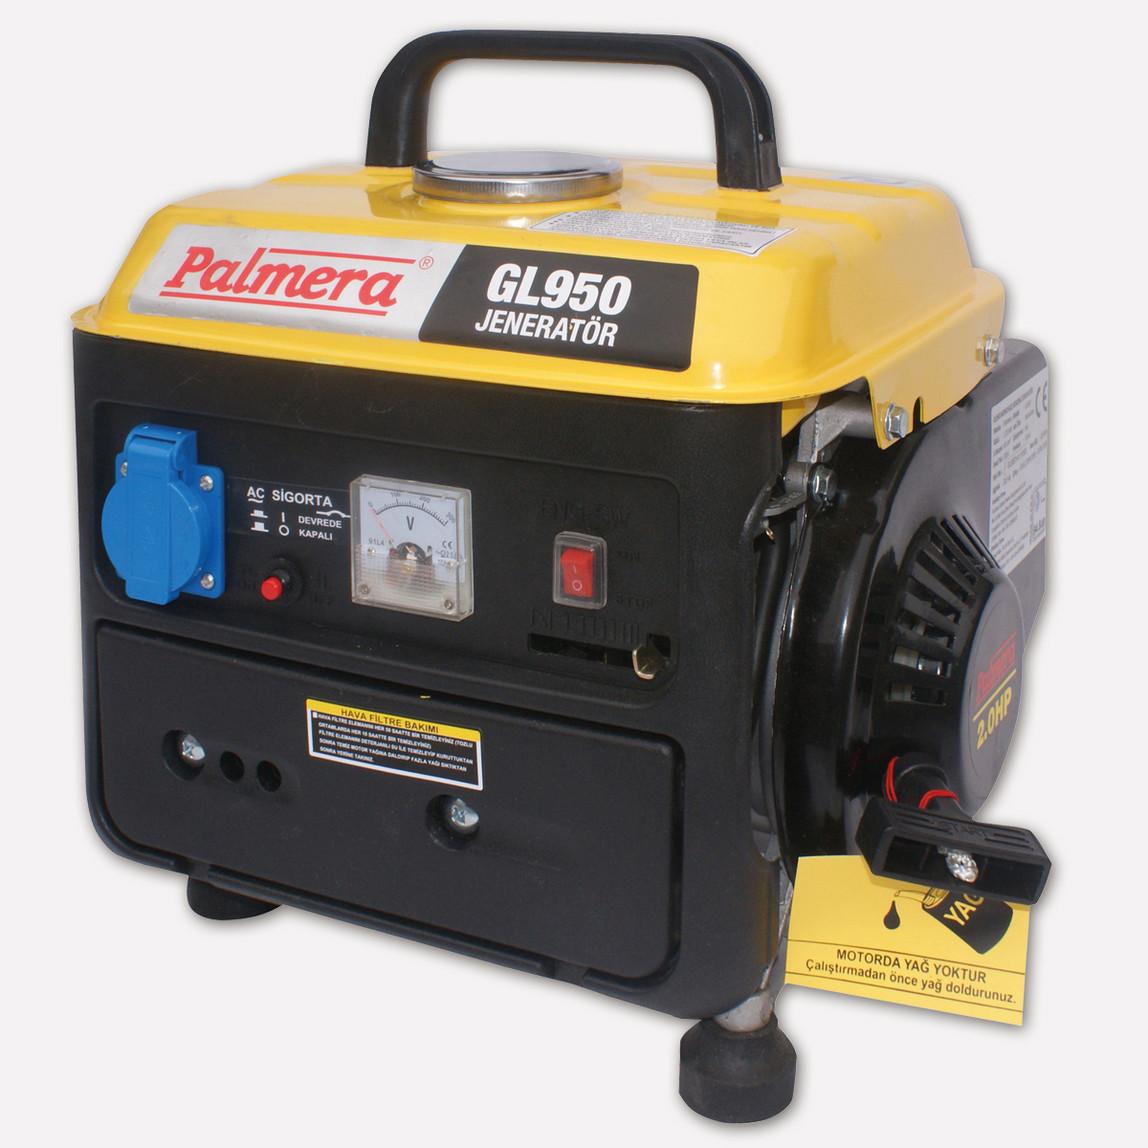 Palmera GL950 0,8kVA Benzinli Jeneratör